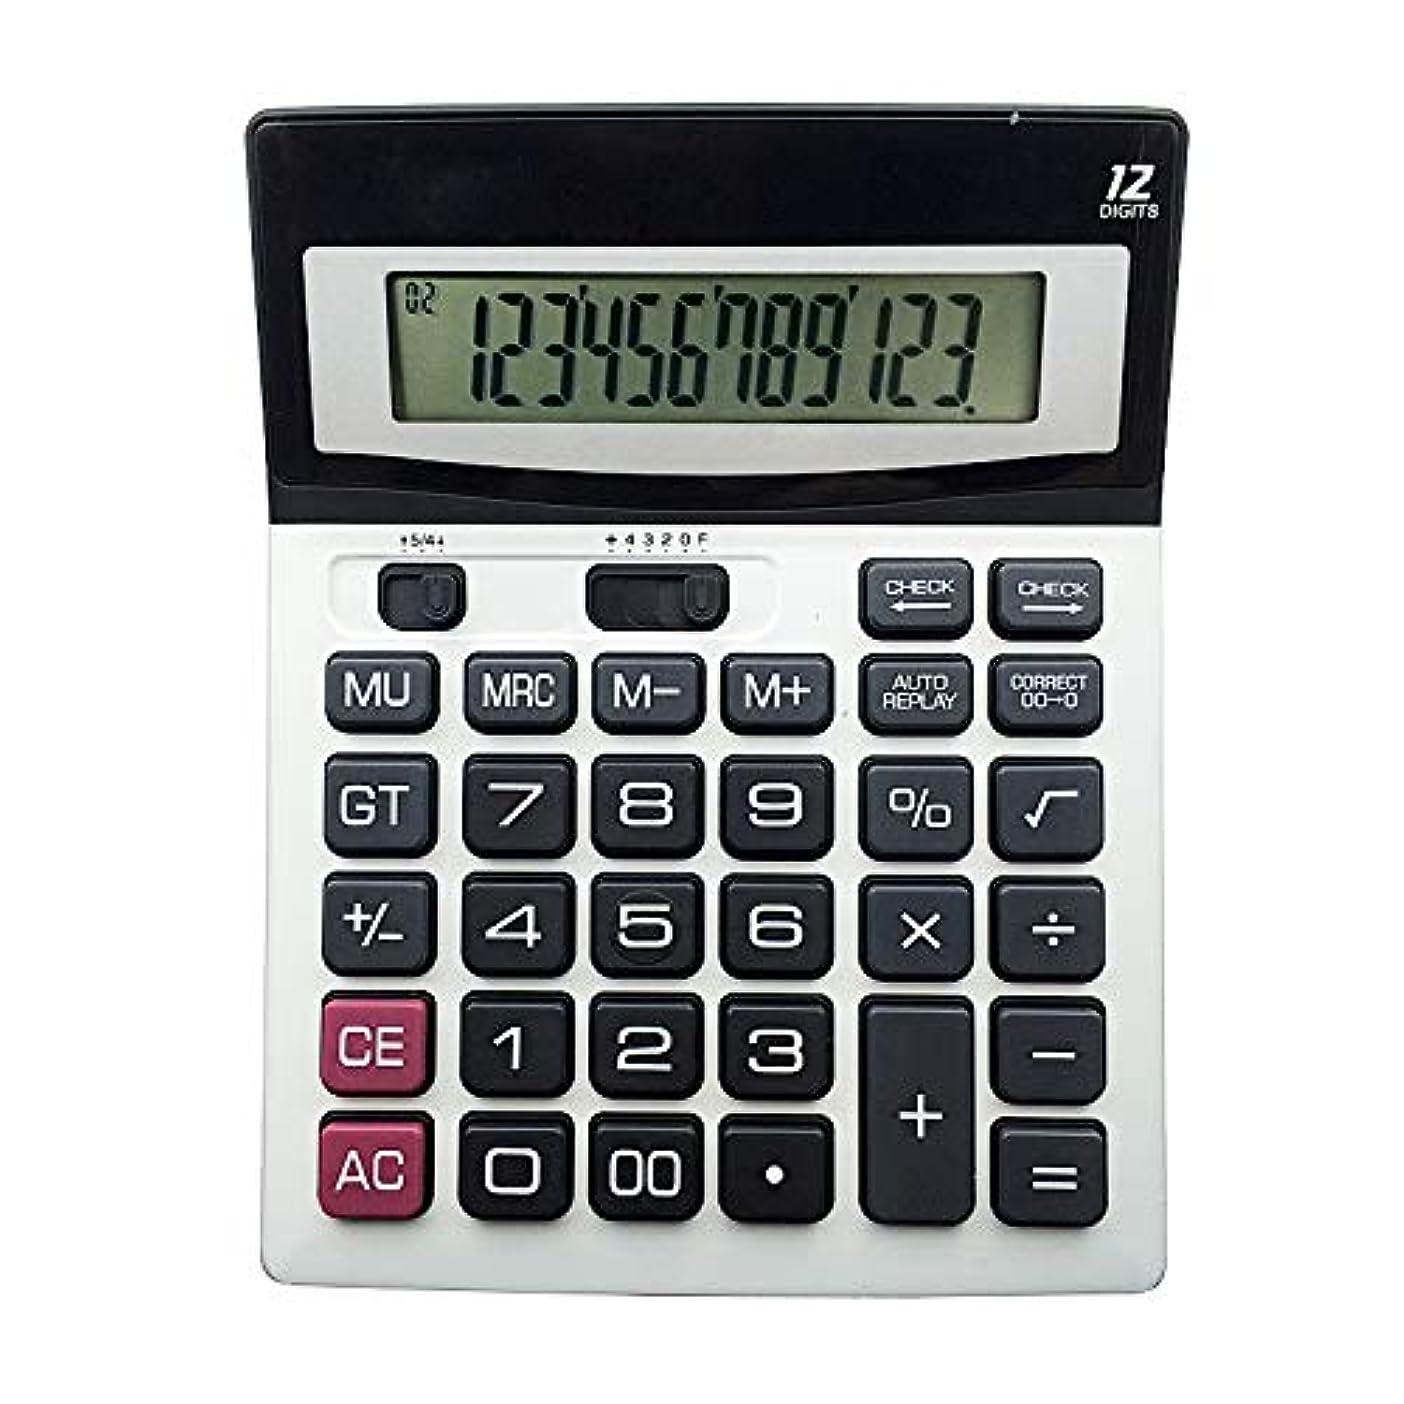 リールにやにや定期的Lanker デスク電卓 ビジネス標準機能 デスクトップ電卓 学校 ホーム オフィス 12桁 KA01